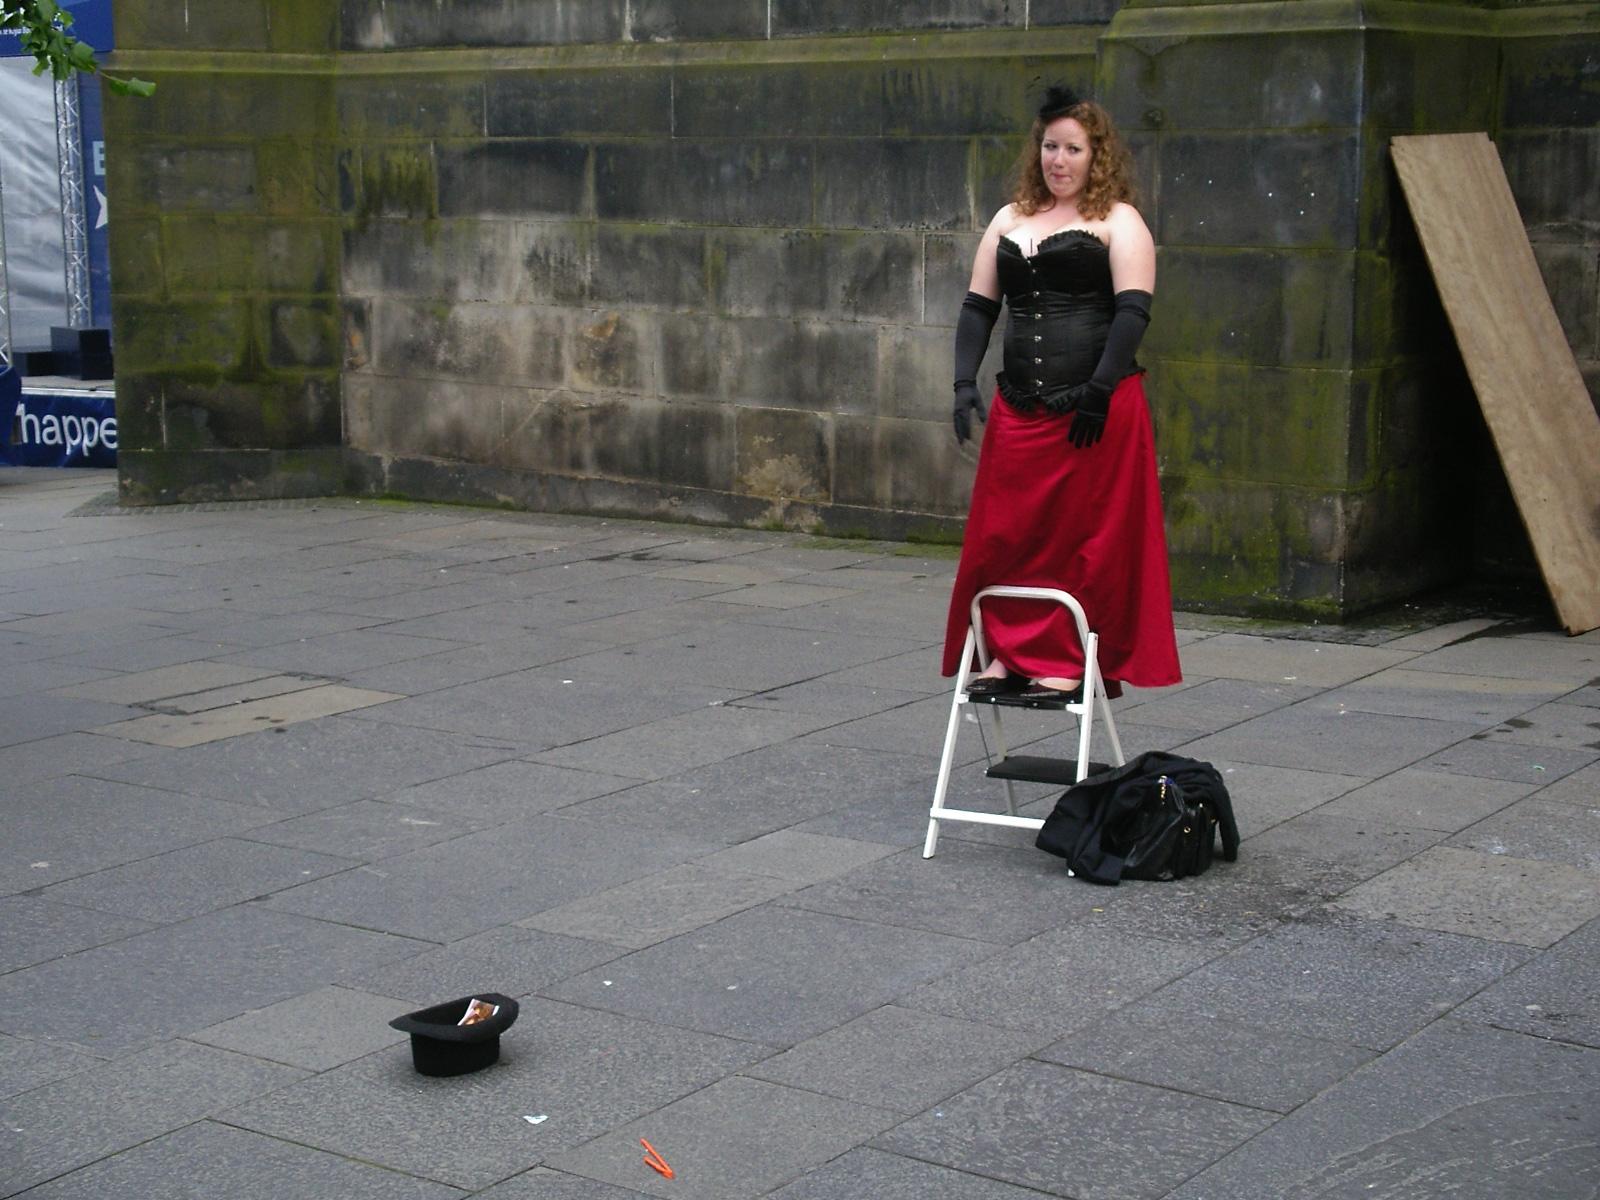 Opera singer on the street, Edinburgh, in Fringe Festival